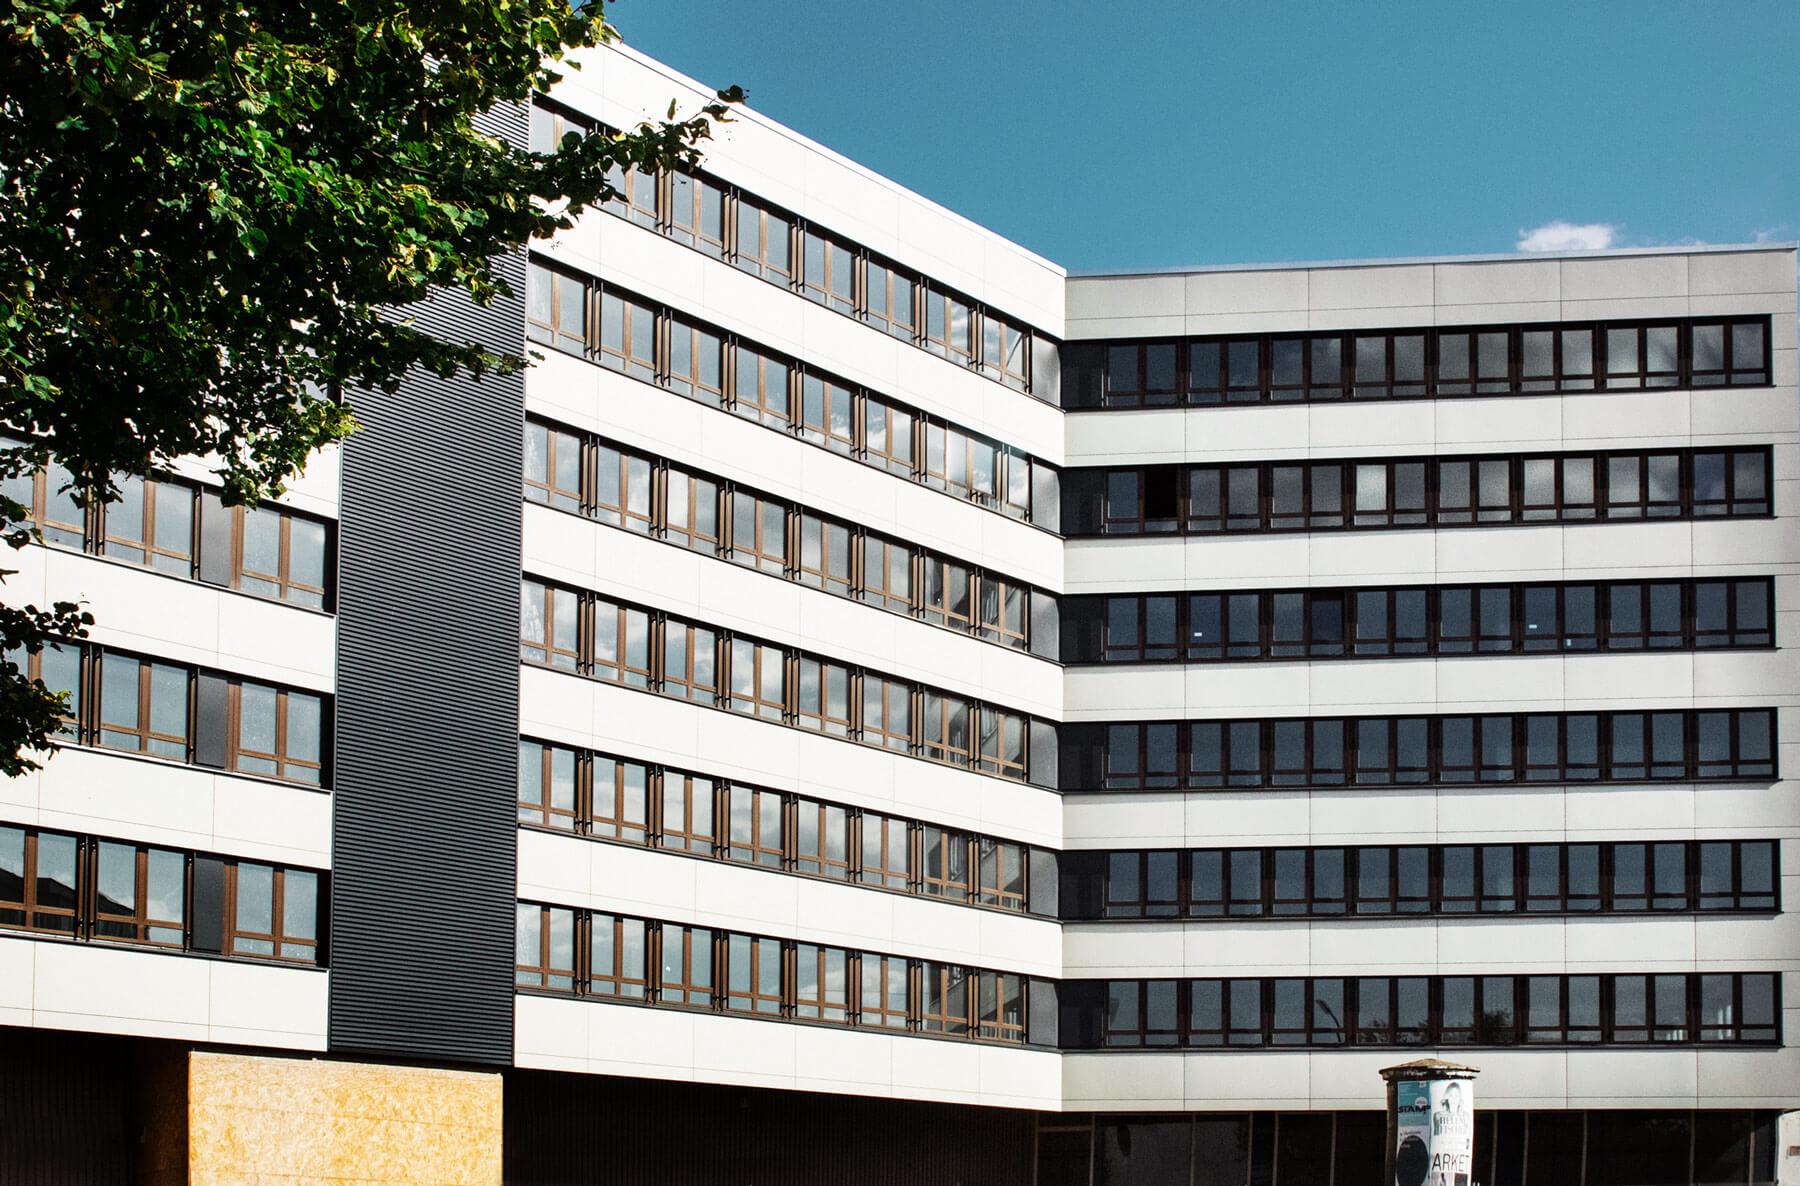 Ginzburg-Immobilien-Sanierung-Revitalisierung-Buerogebaeude-6-n